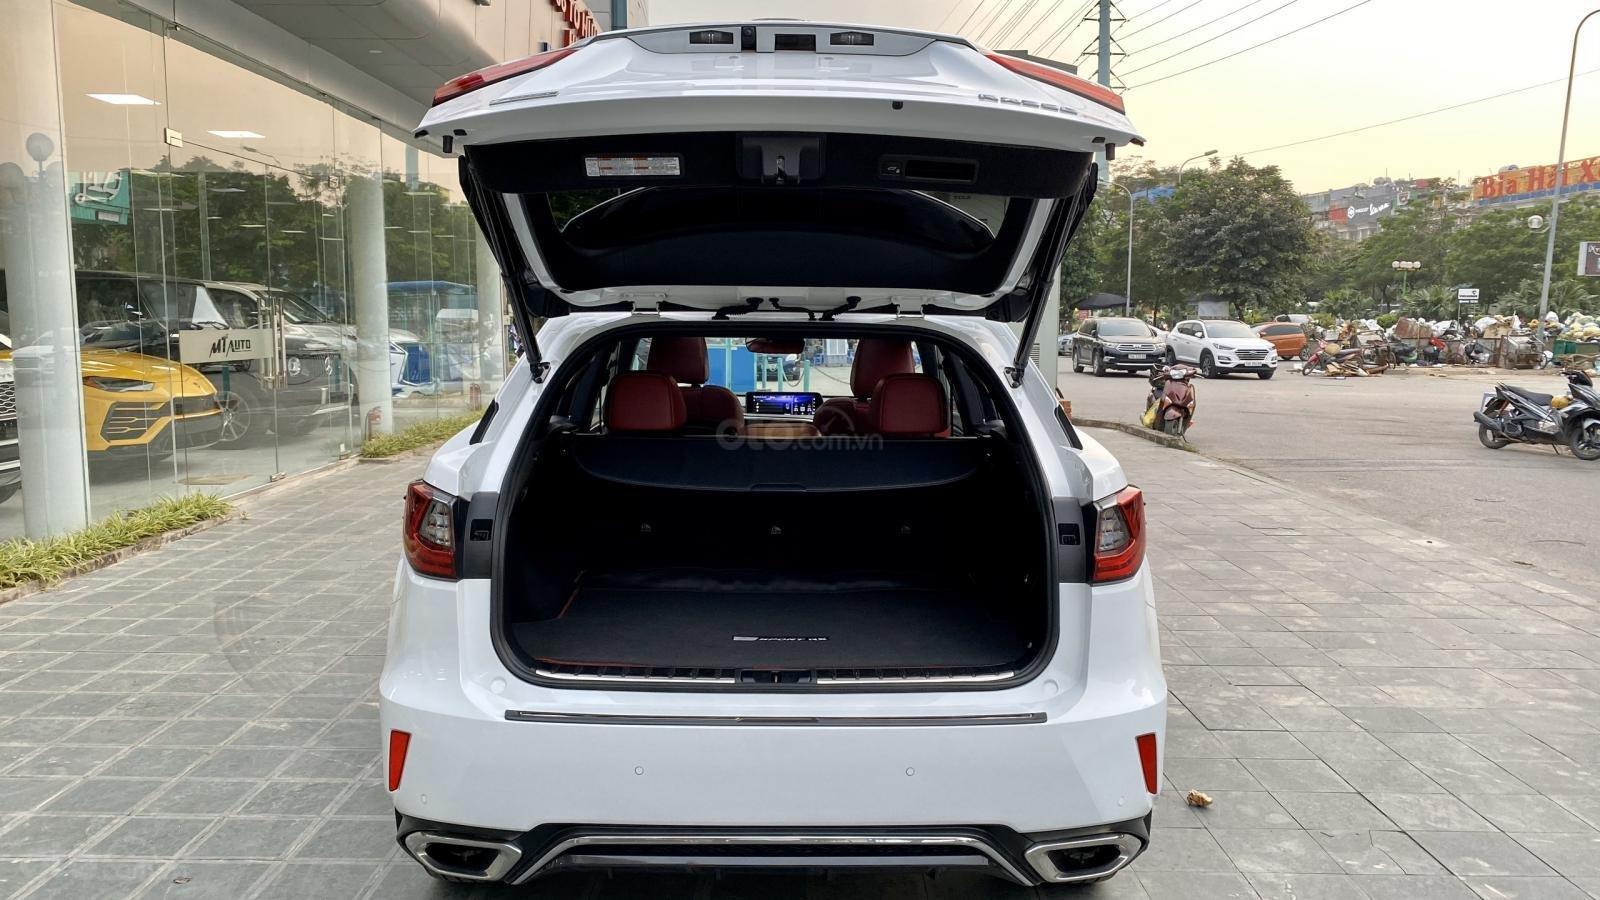 Bán xe Lexus RX 350 Fsport nhập Mỹ sản xuất 2018 đã qua sử dụng LH Ms Hương, giao xe toàn quốc, giá tốt (5)